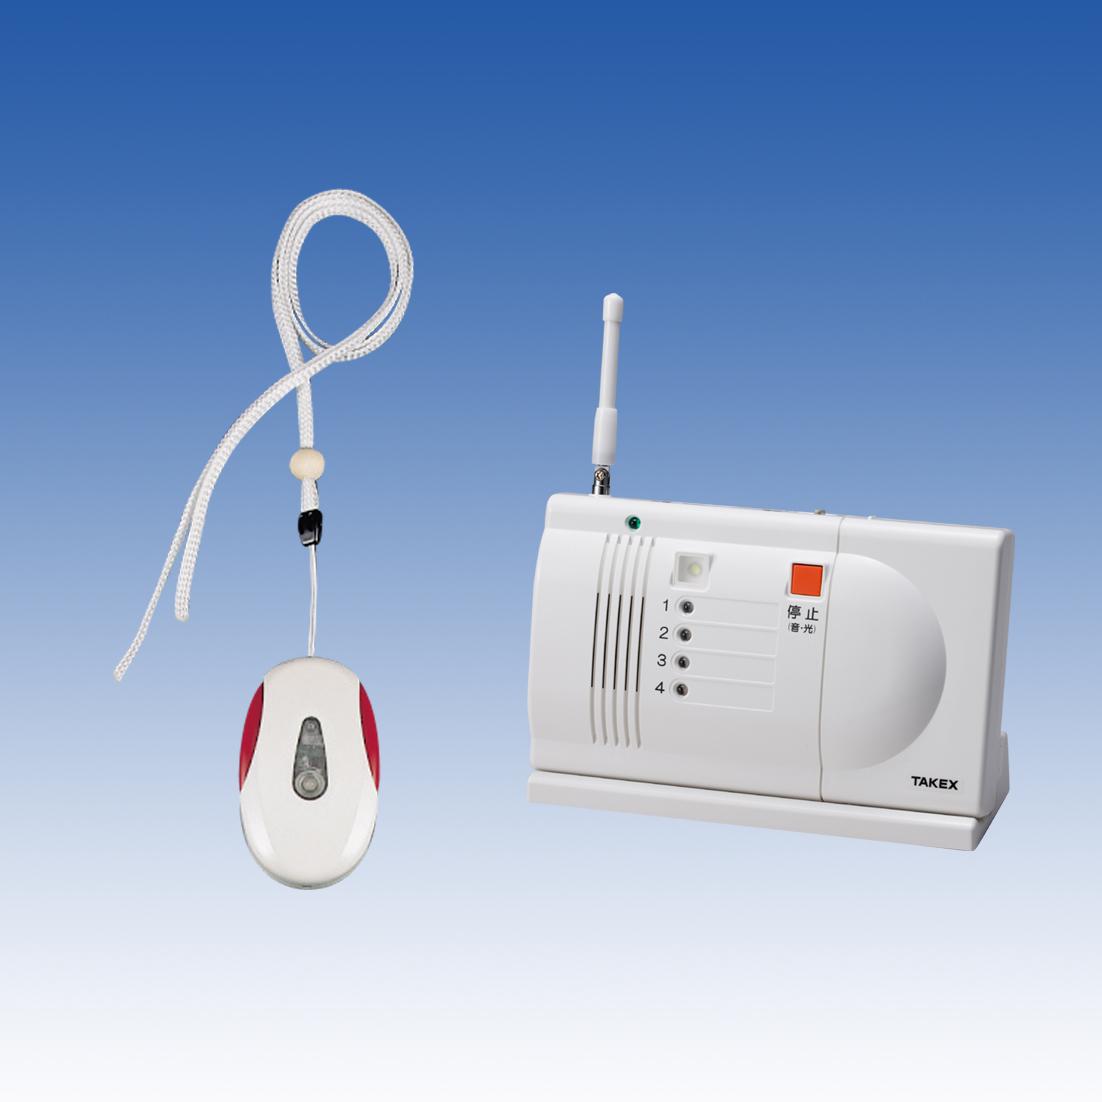 【送料無料】 安心コール100m(卓上型受信機セット) EC-1P(T) 介護用品 緊急呼出 ワイヤレス 竹中エンジニアリング【代金引換不可】